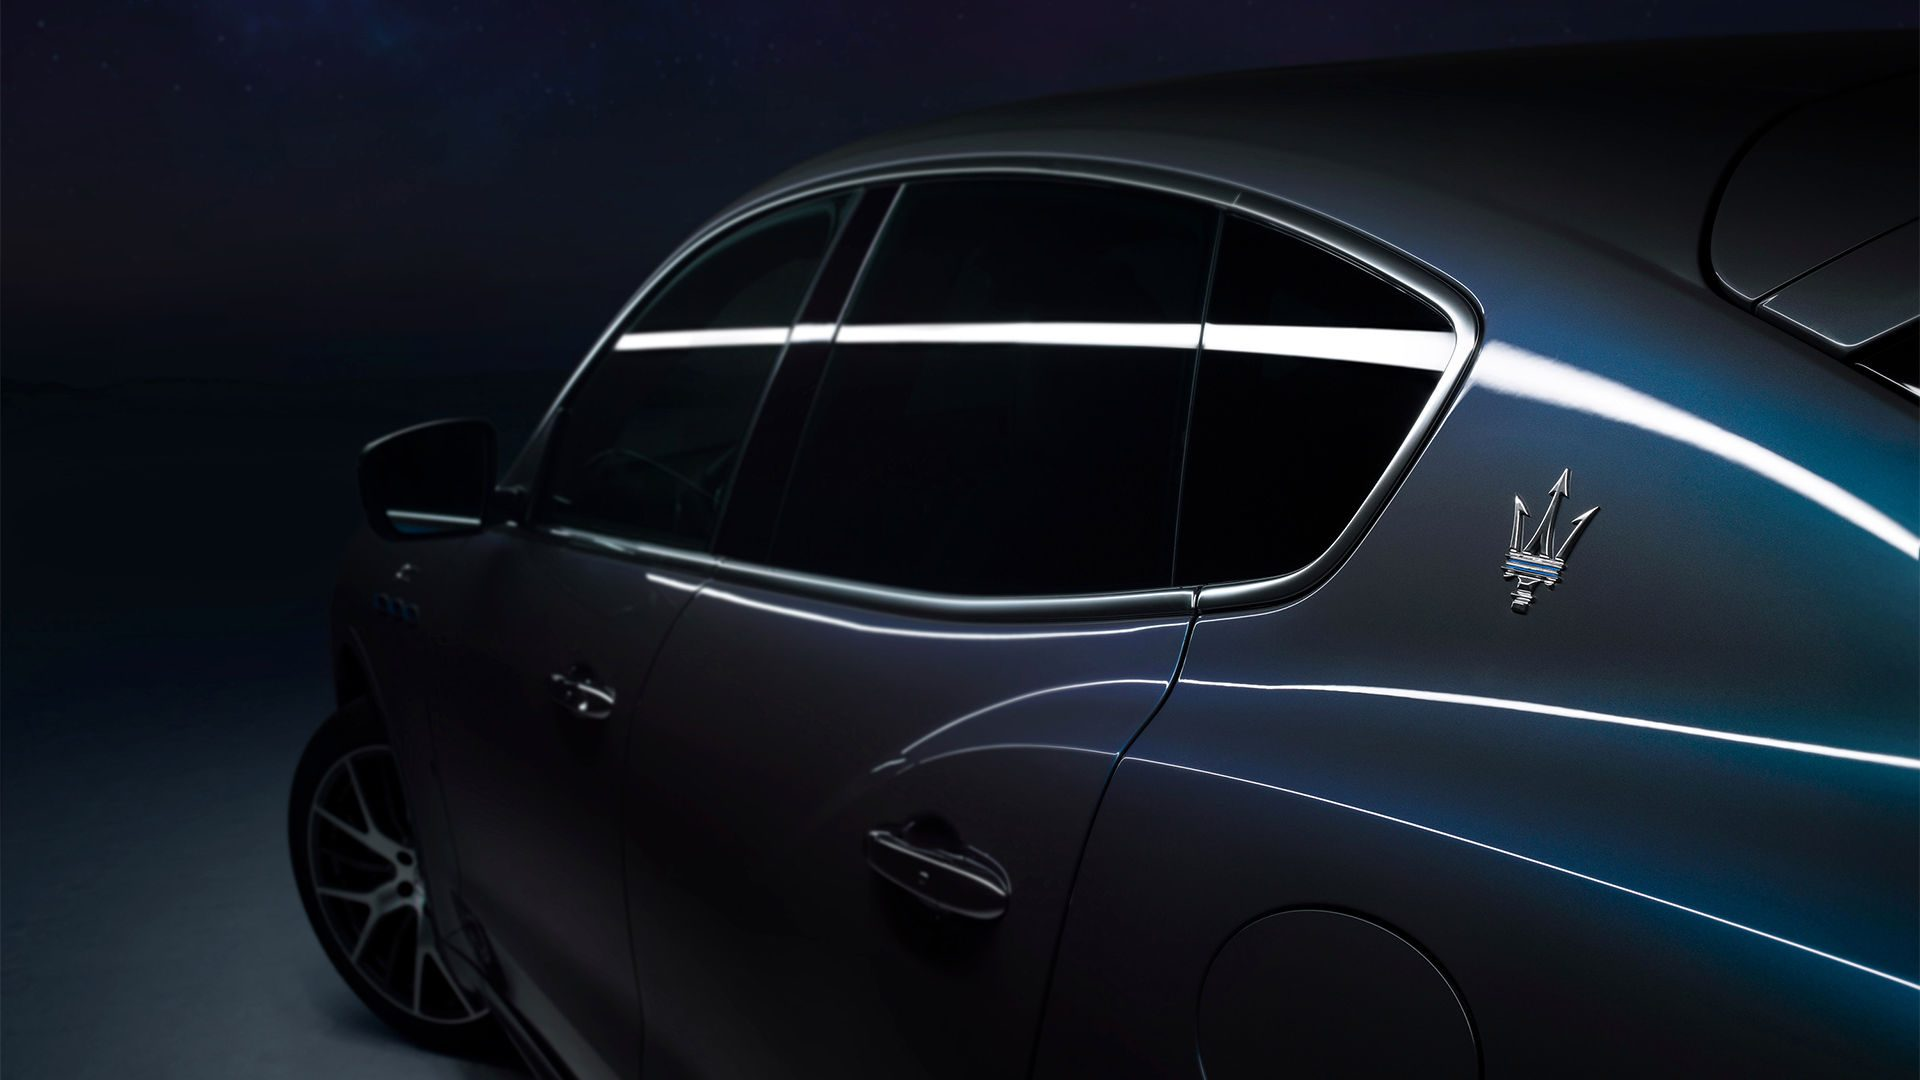 Azzurro Astro, een metallic drielaags blauwe kleur die exclusief is ontwikkeld voor de Levante Hybrid.